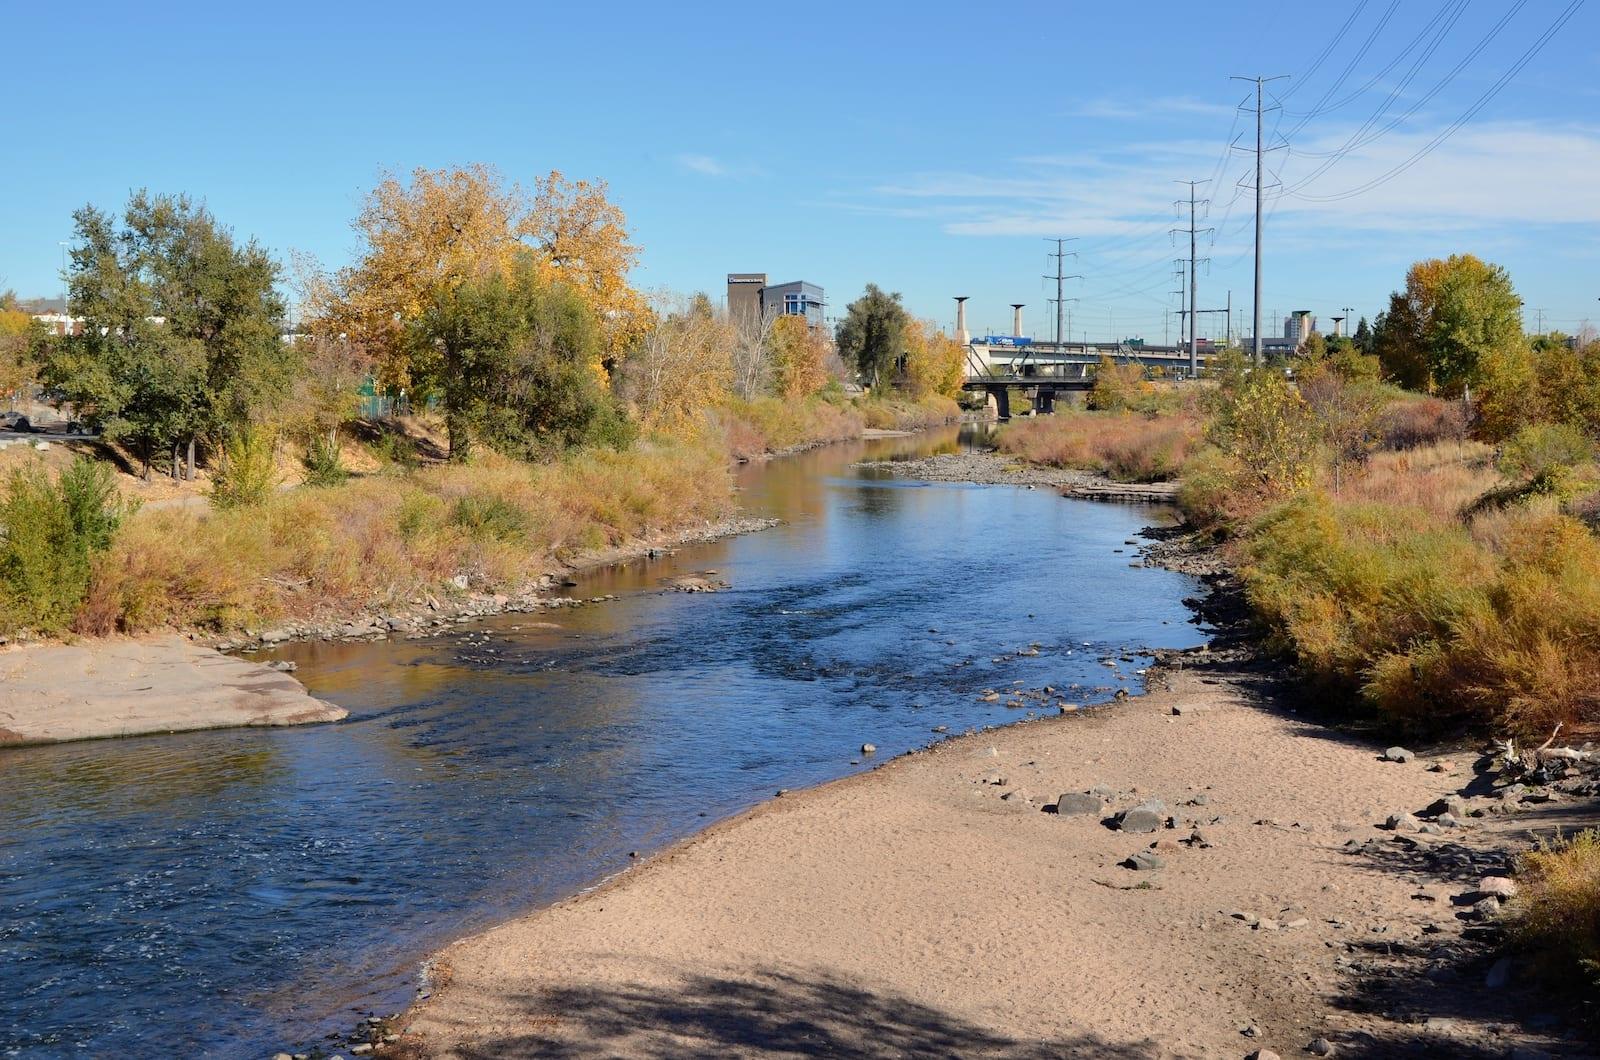 South Platte River, Co